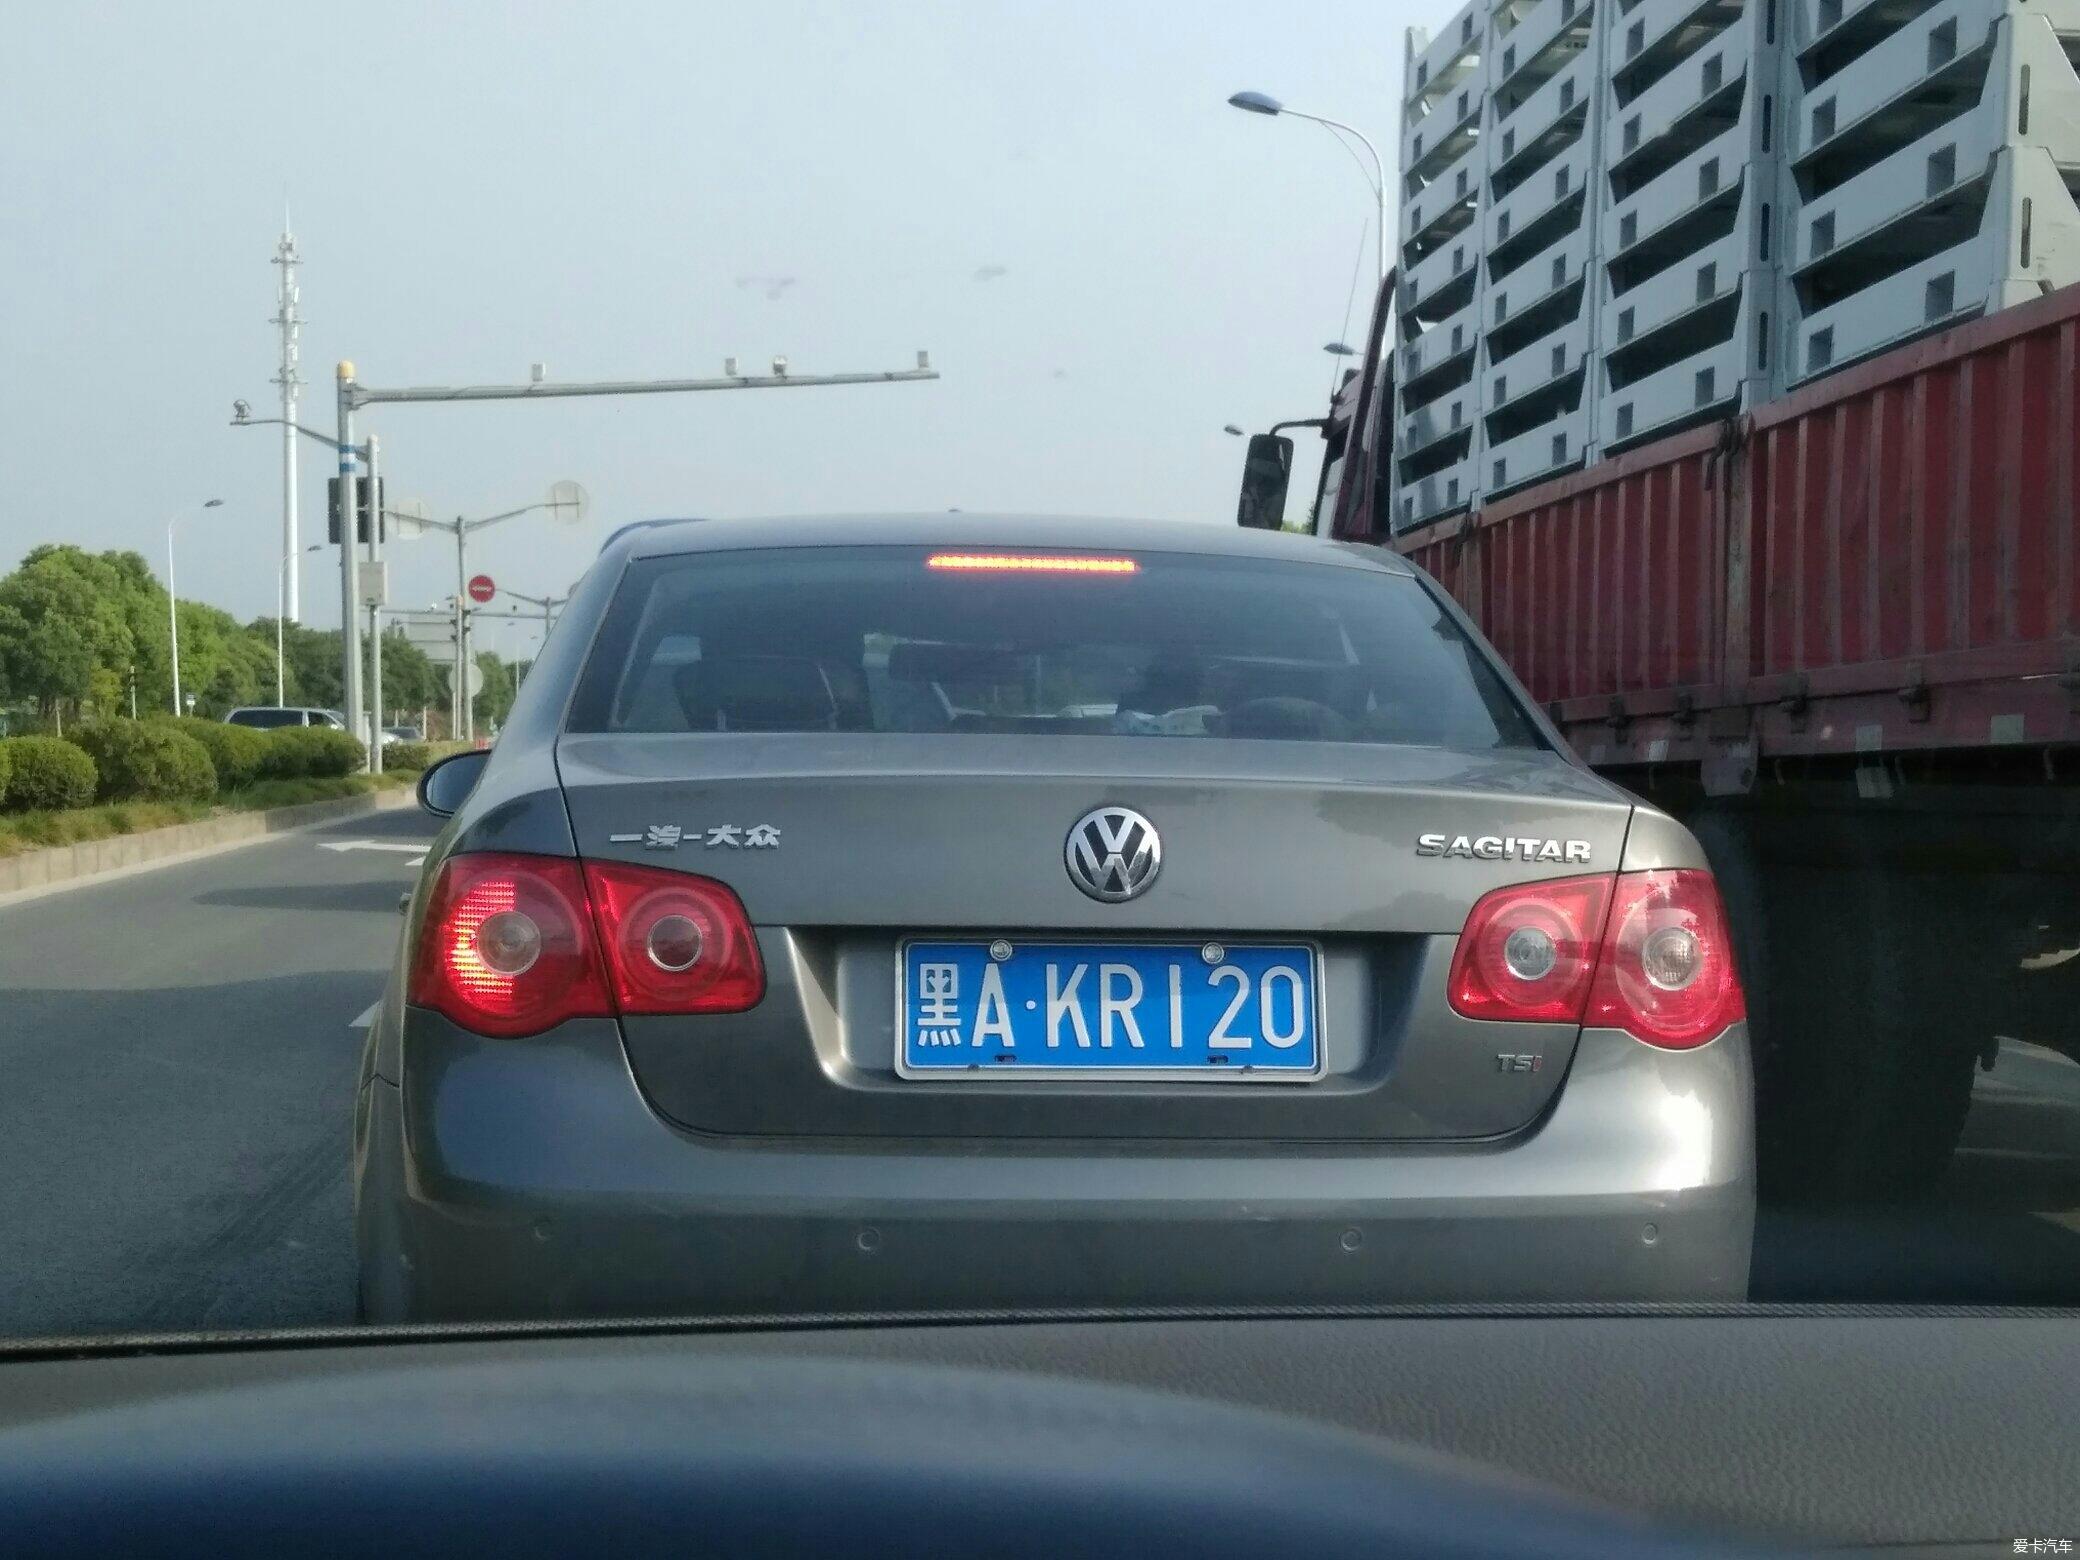 现在路上跑的黑龙江牌照的车越来越多